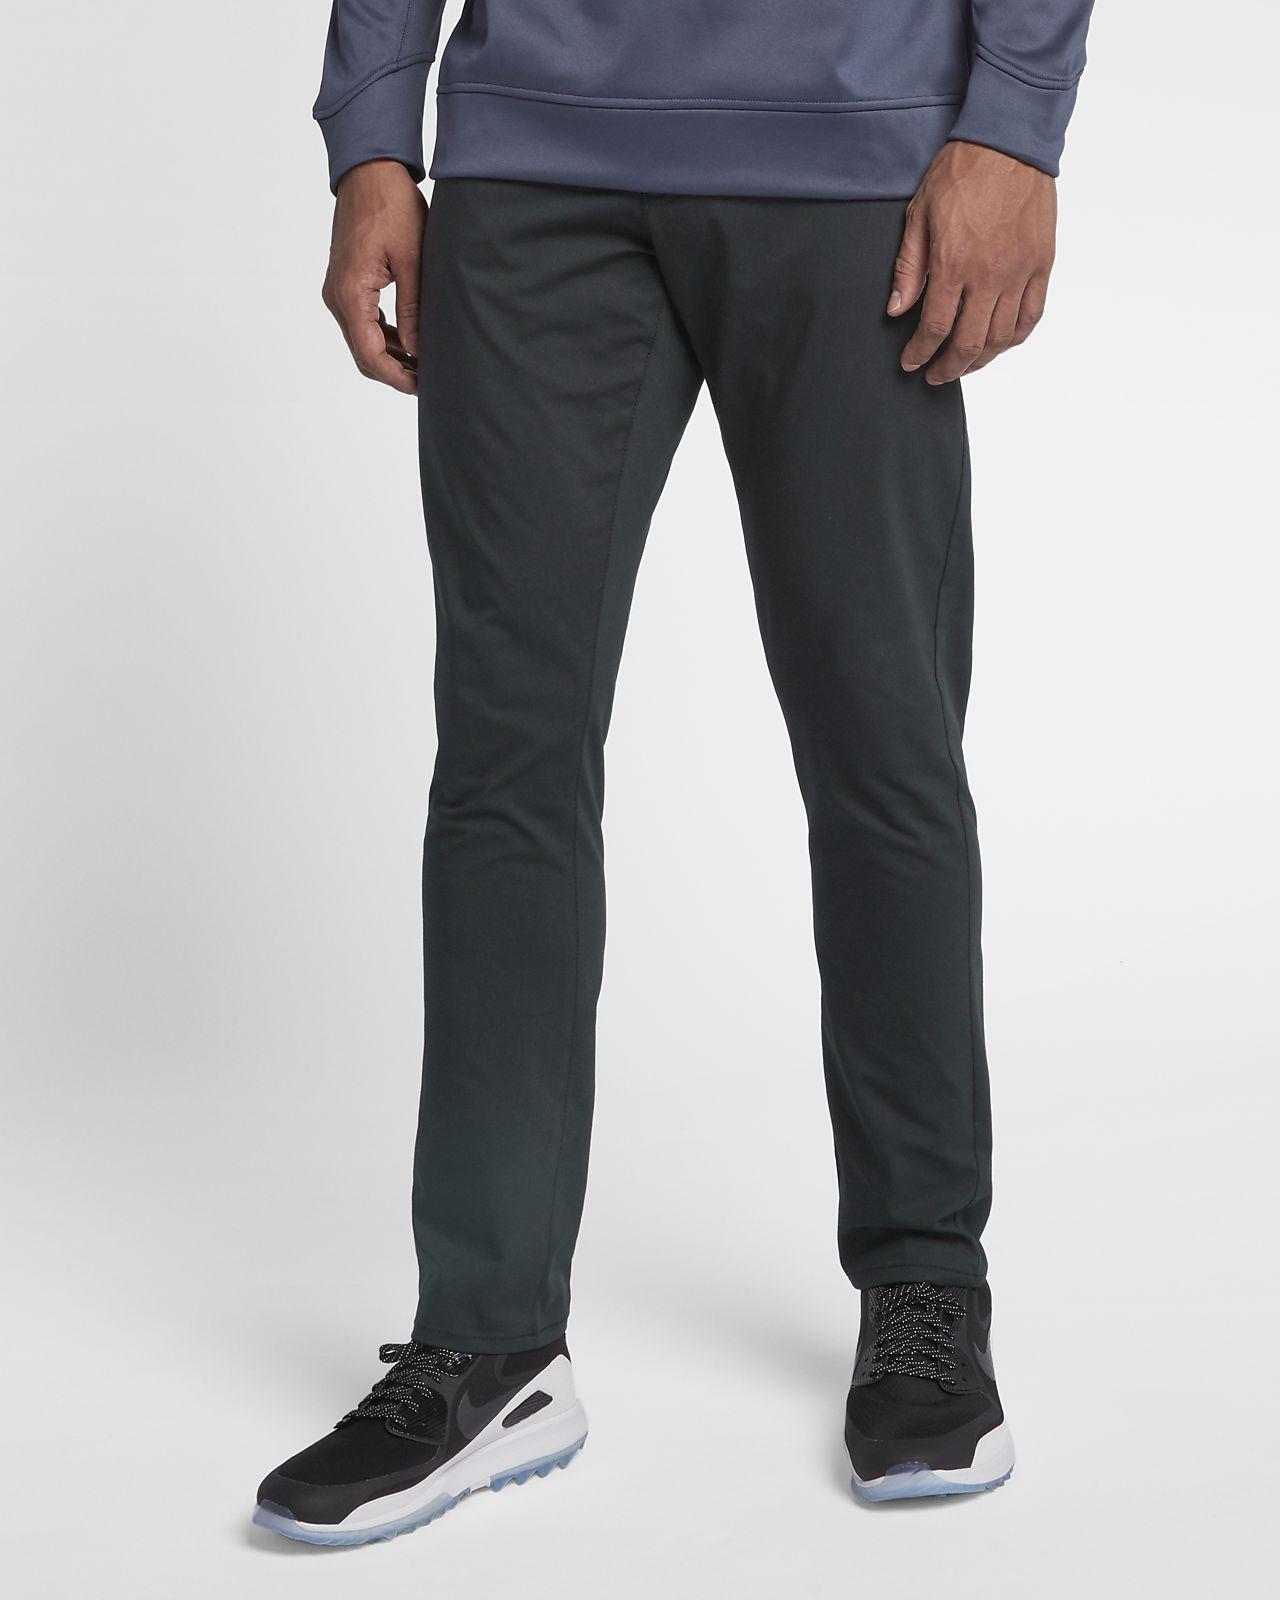 dbf293e8f0d4a Pantaloni da golf con 5 tasche Slim Fit Nike Flex - Uomo. Nike.com IT